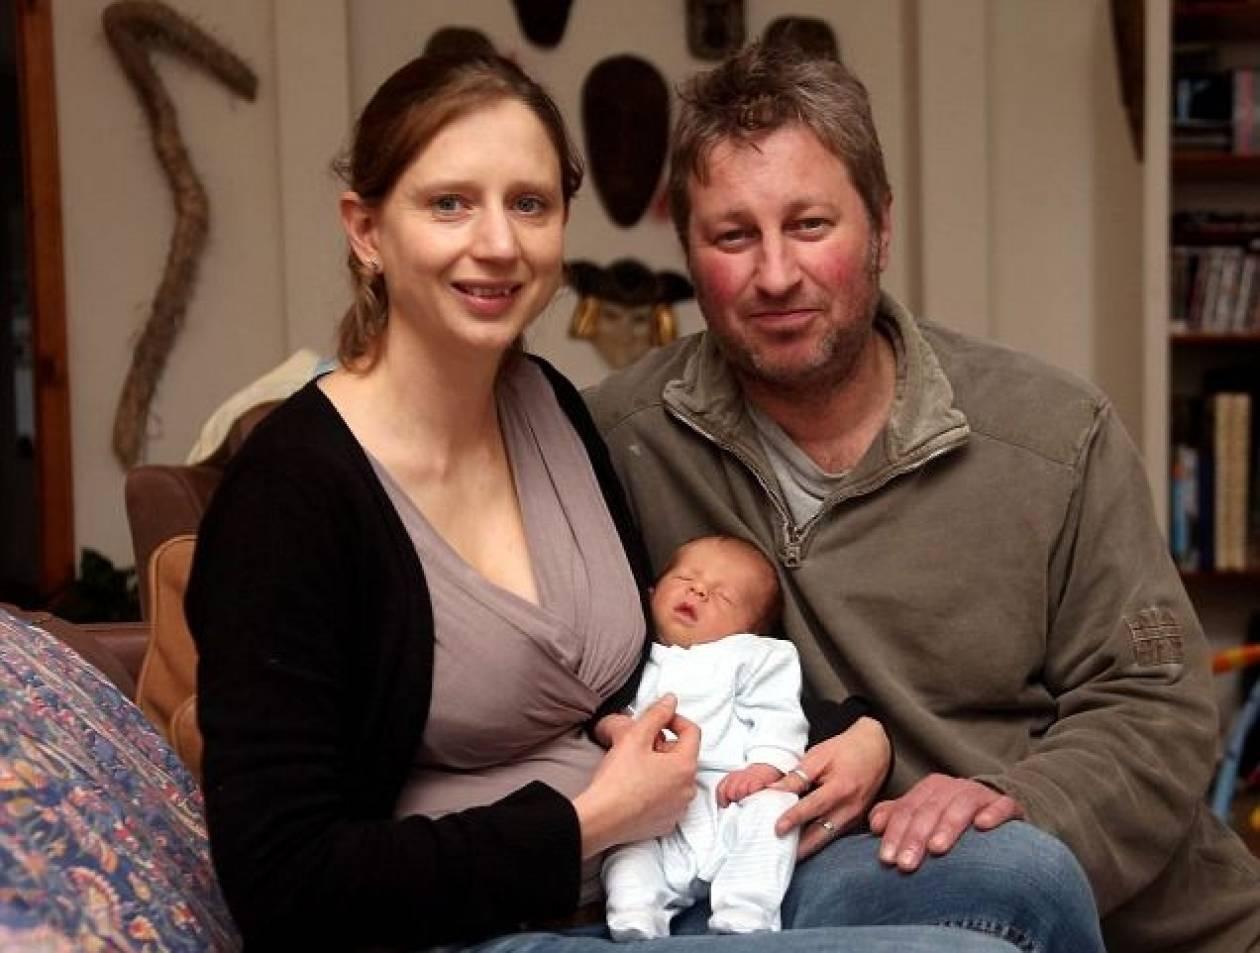 Απίστευτο: Έγκυος έπαθε σοκ όταν είδε ληστές και... γέννησε!